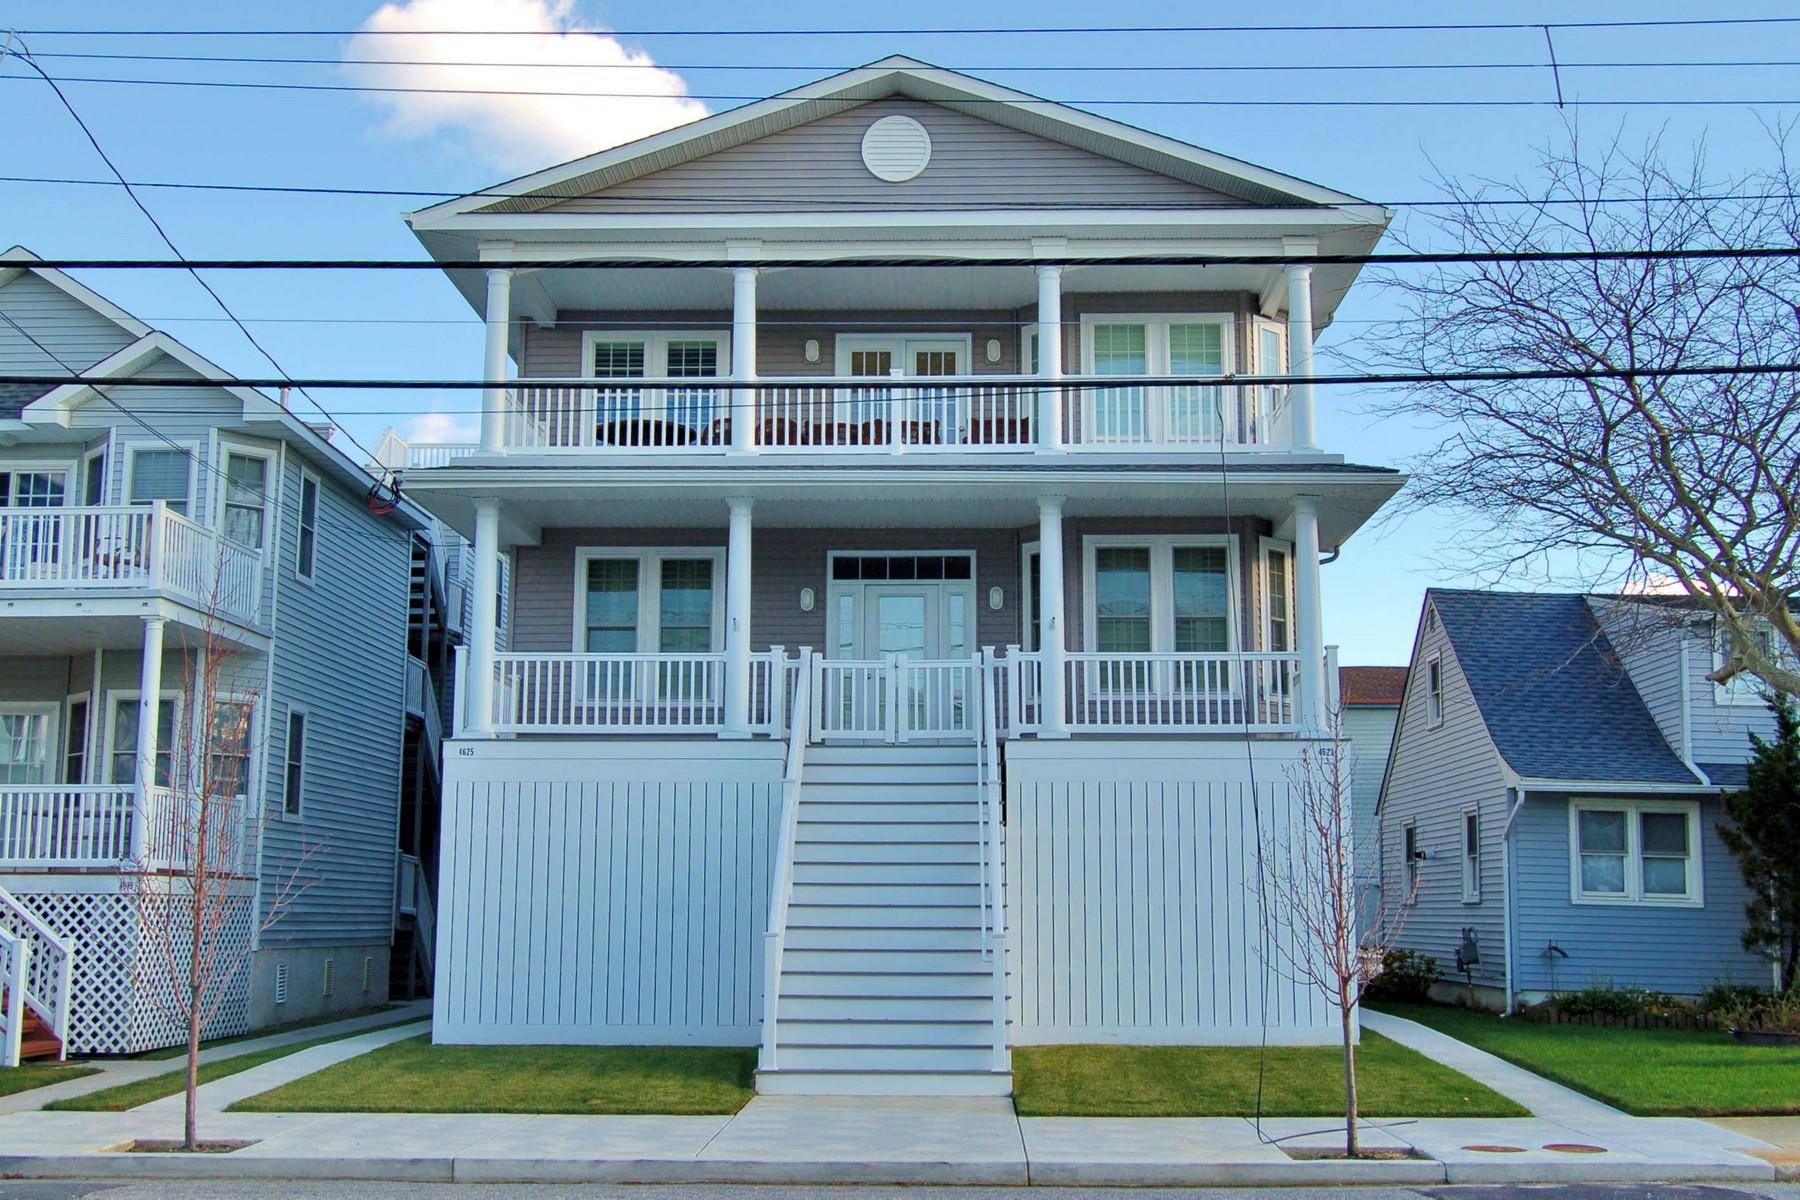 단독 가정 주택 용 매매 에 Second Floor Condo 4625 Asbury Avenue Ocean City, 뉴저지 08226 미국